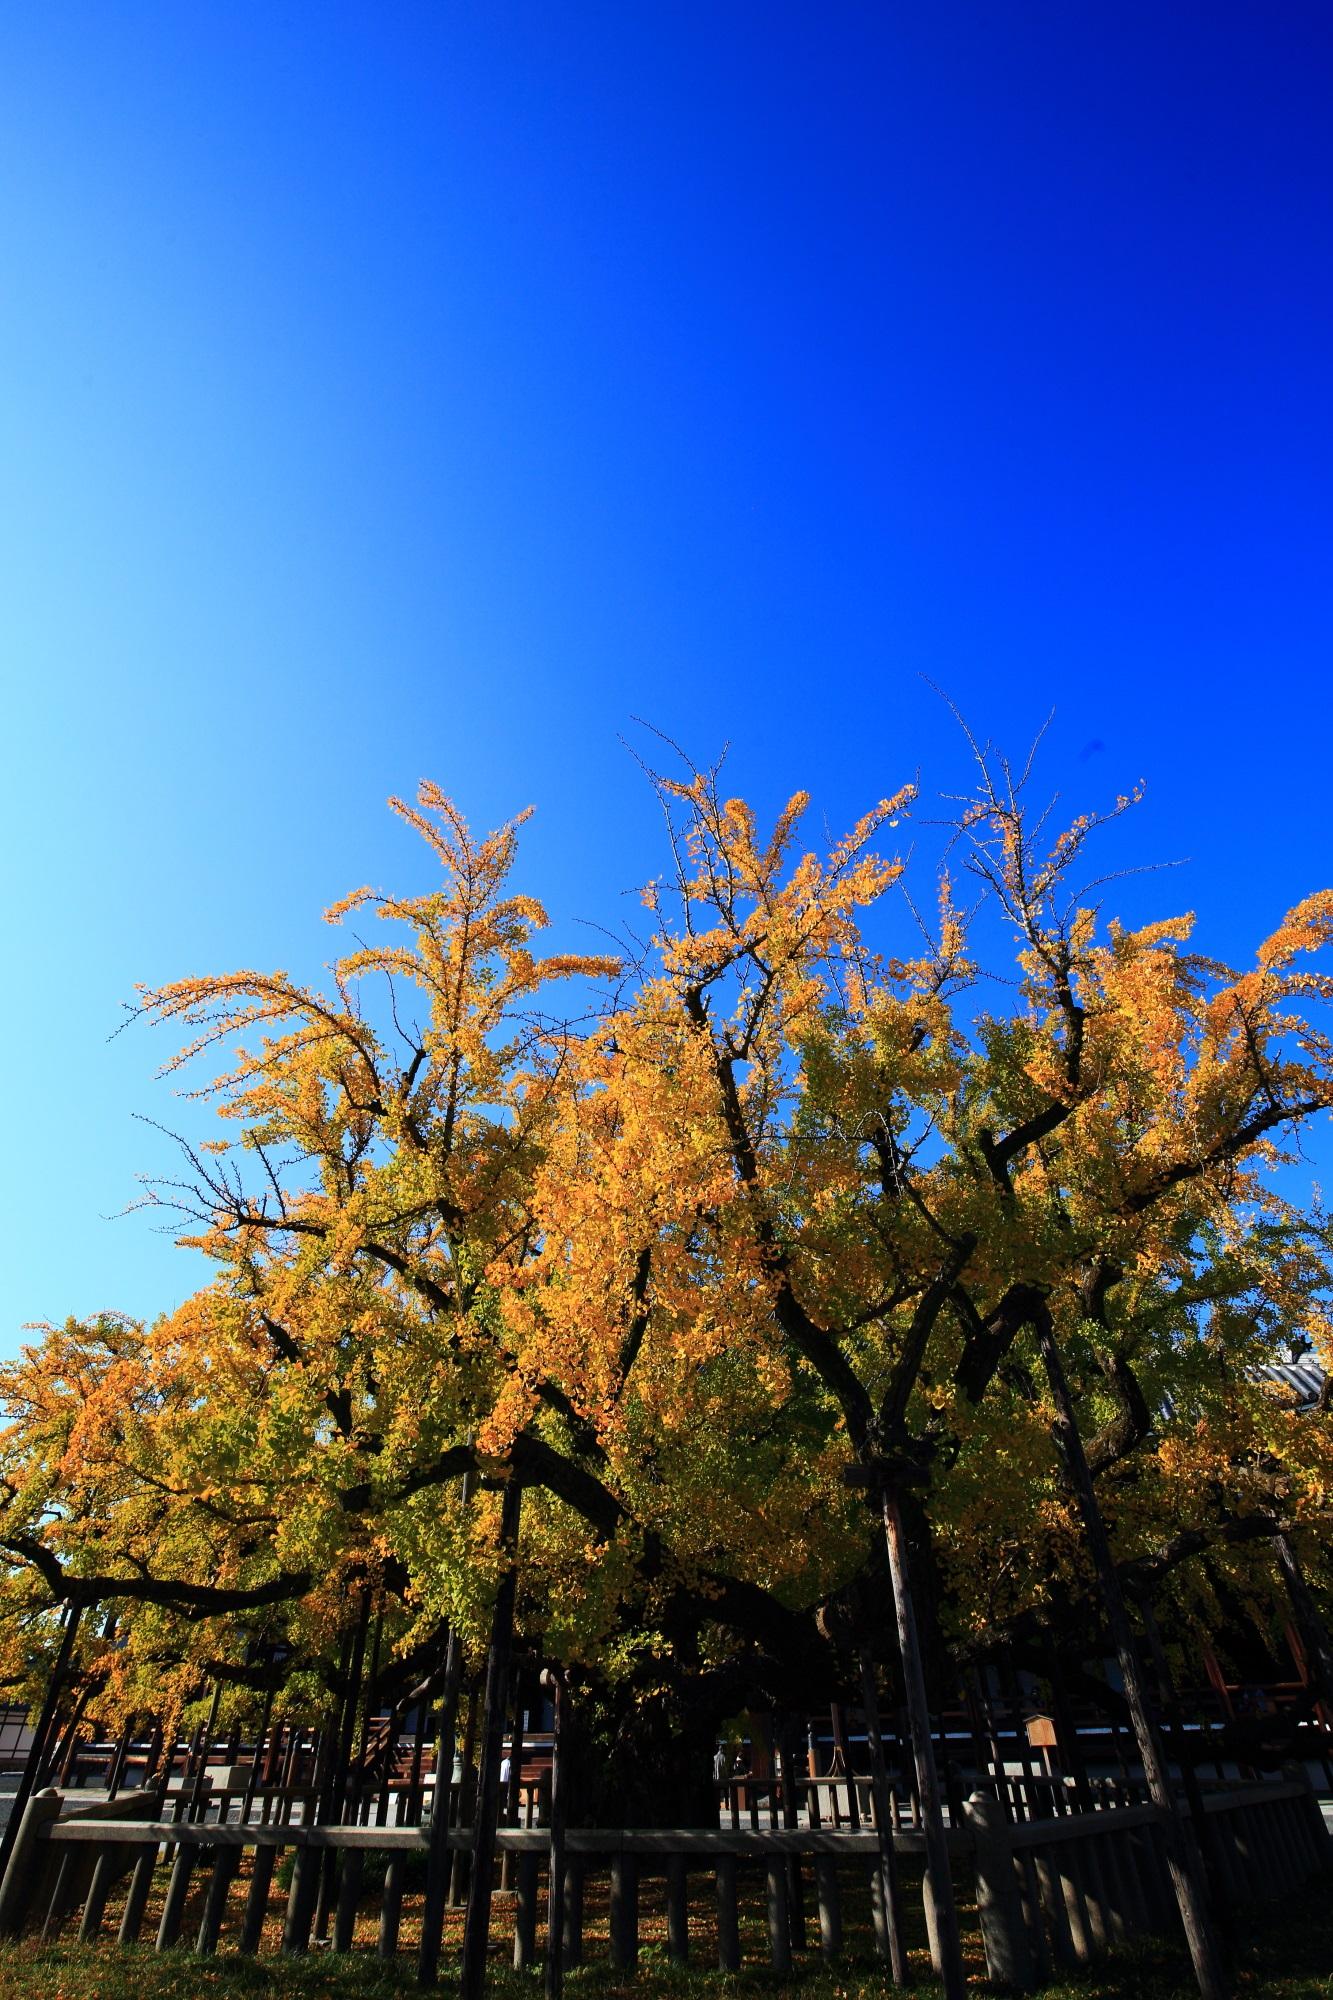 イチョウの名所の西本願寺の逆さ銀杏と青空